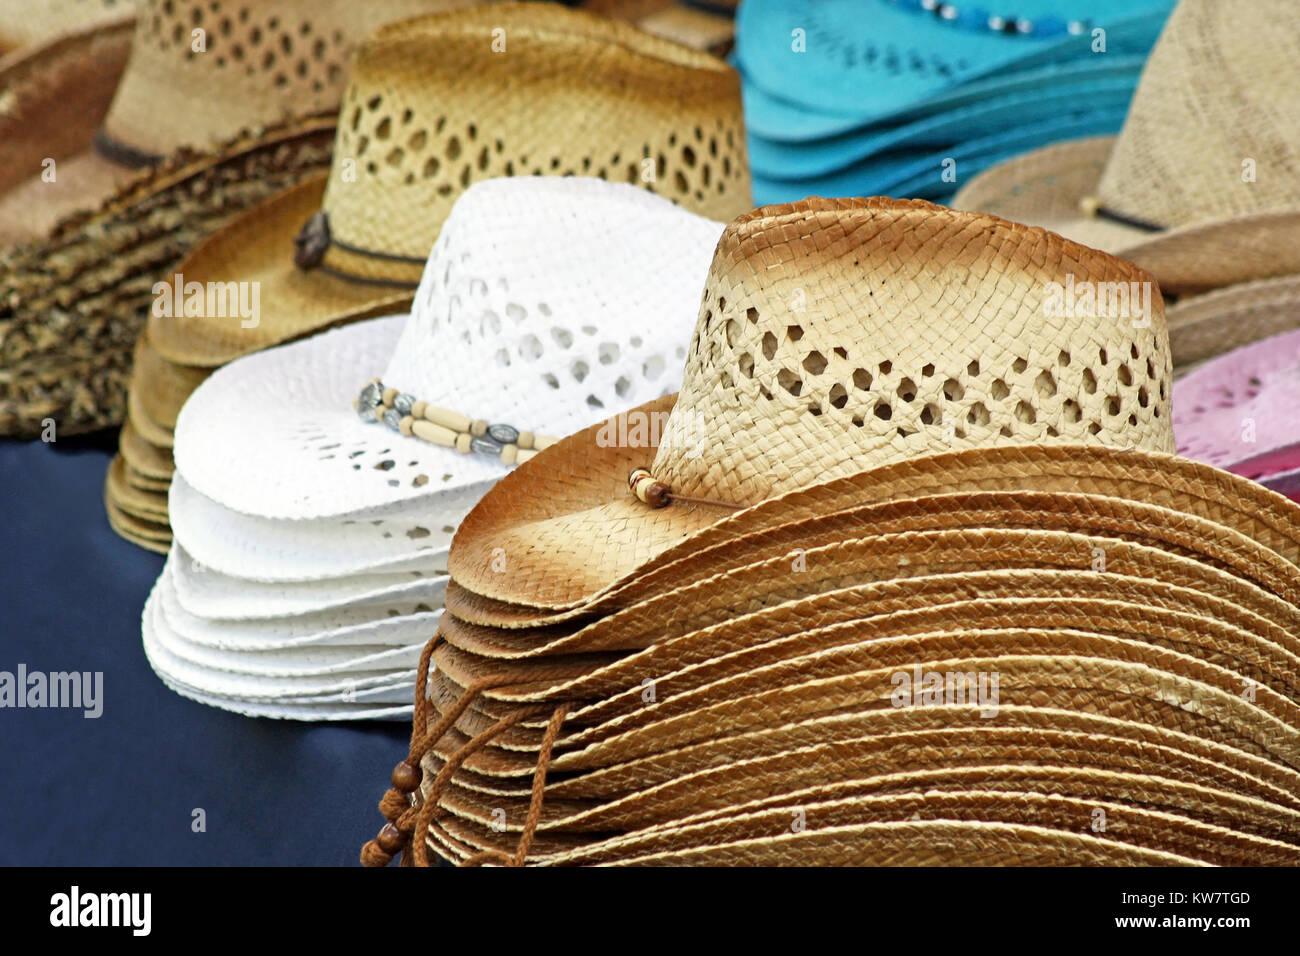 Sombreros de vaqueros de Venta - sombreros de paja de varios colores y diseños  se alinearon en la tabla de Vendedor e6bbfc0492be